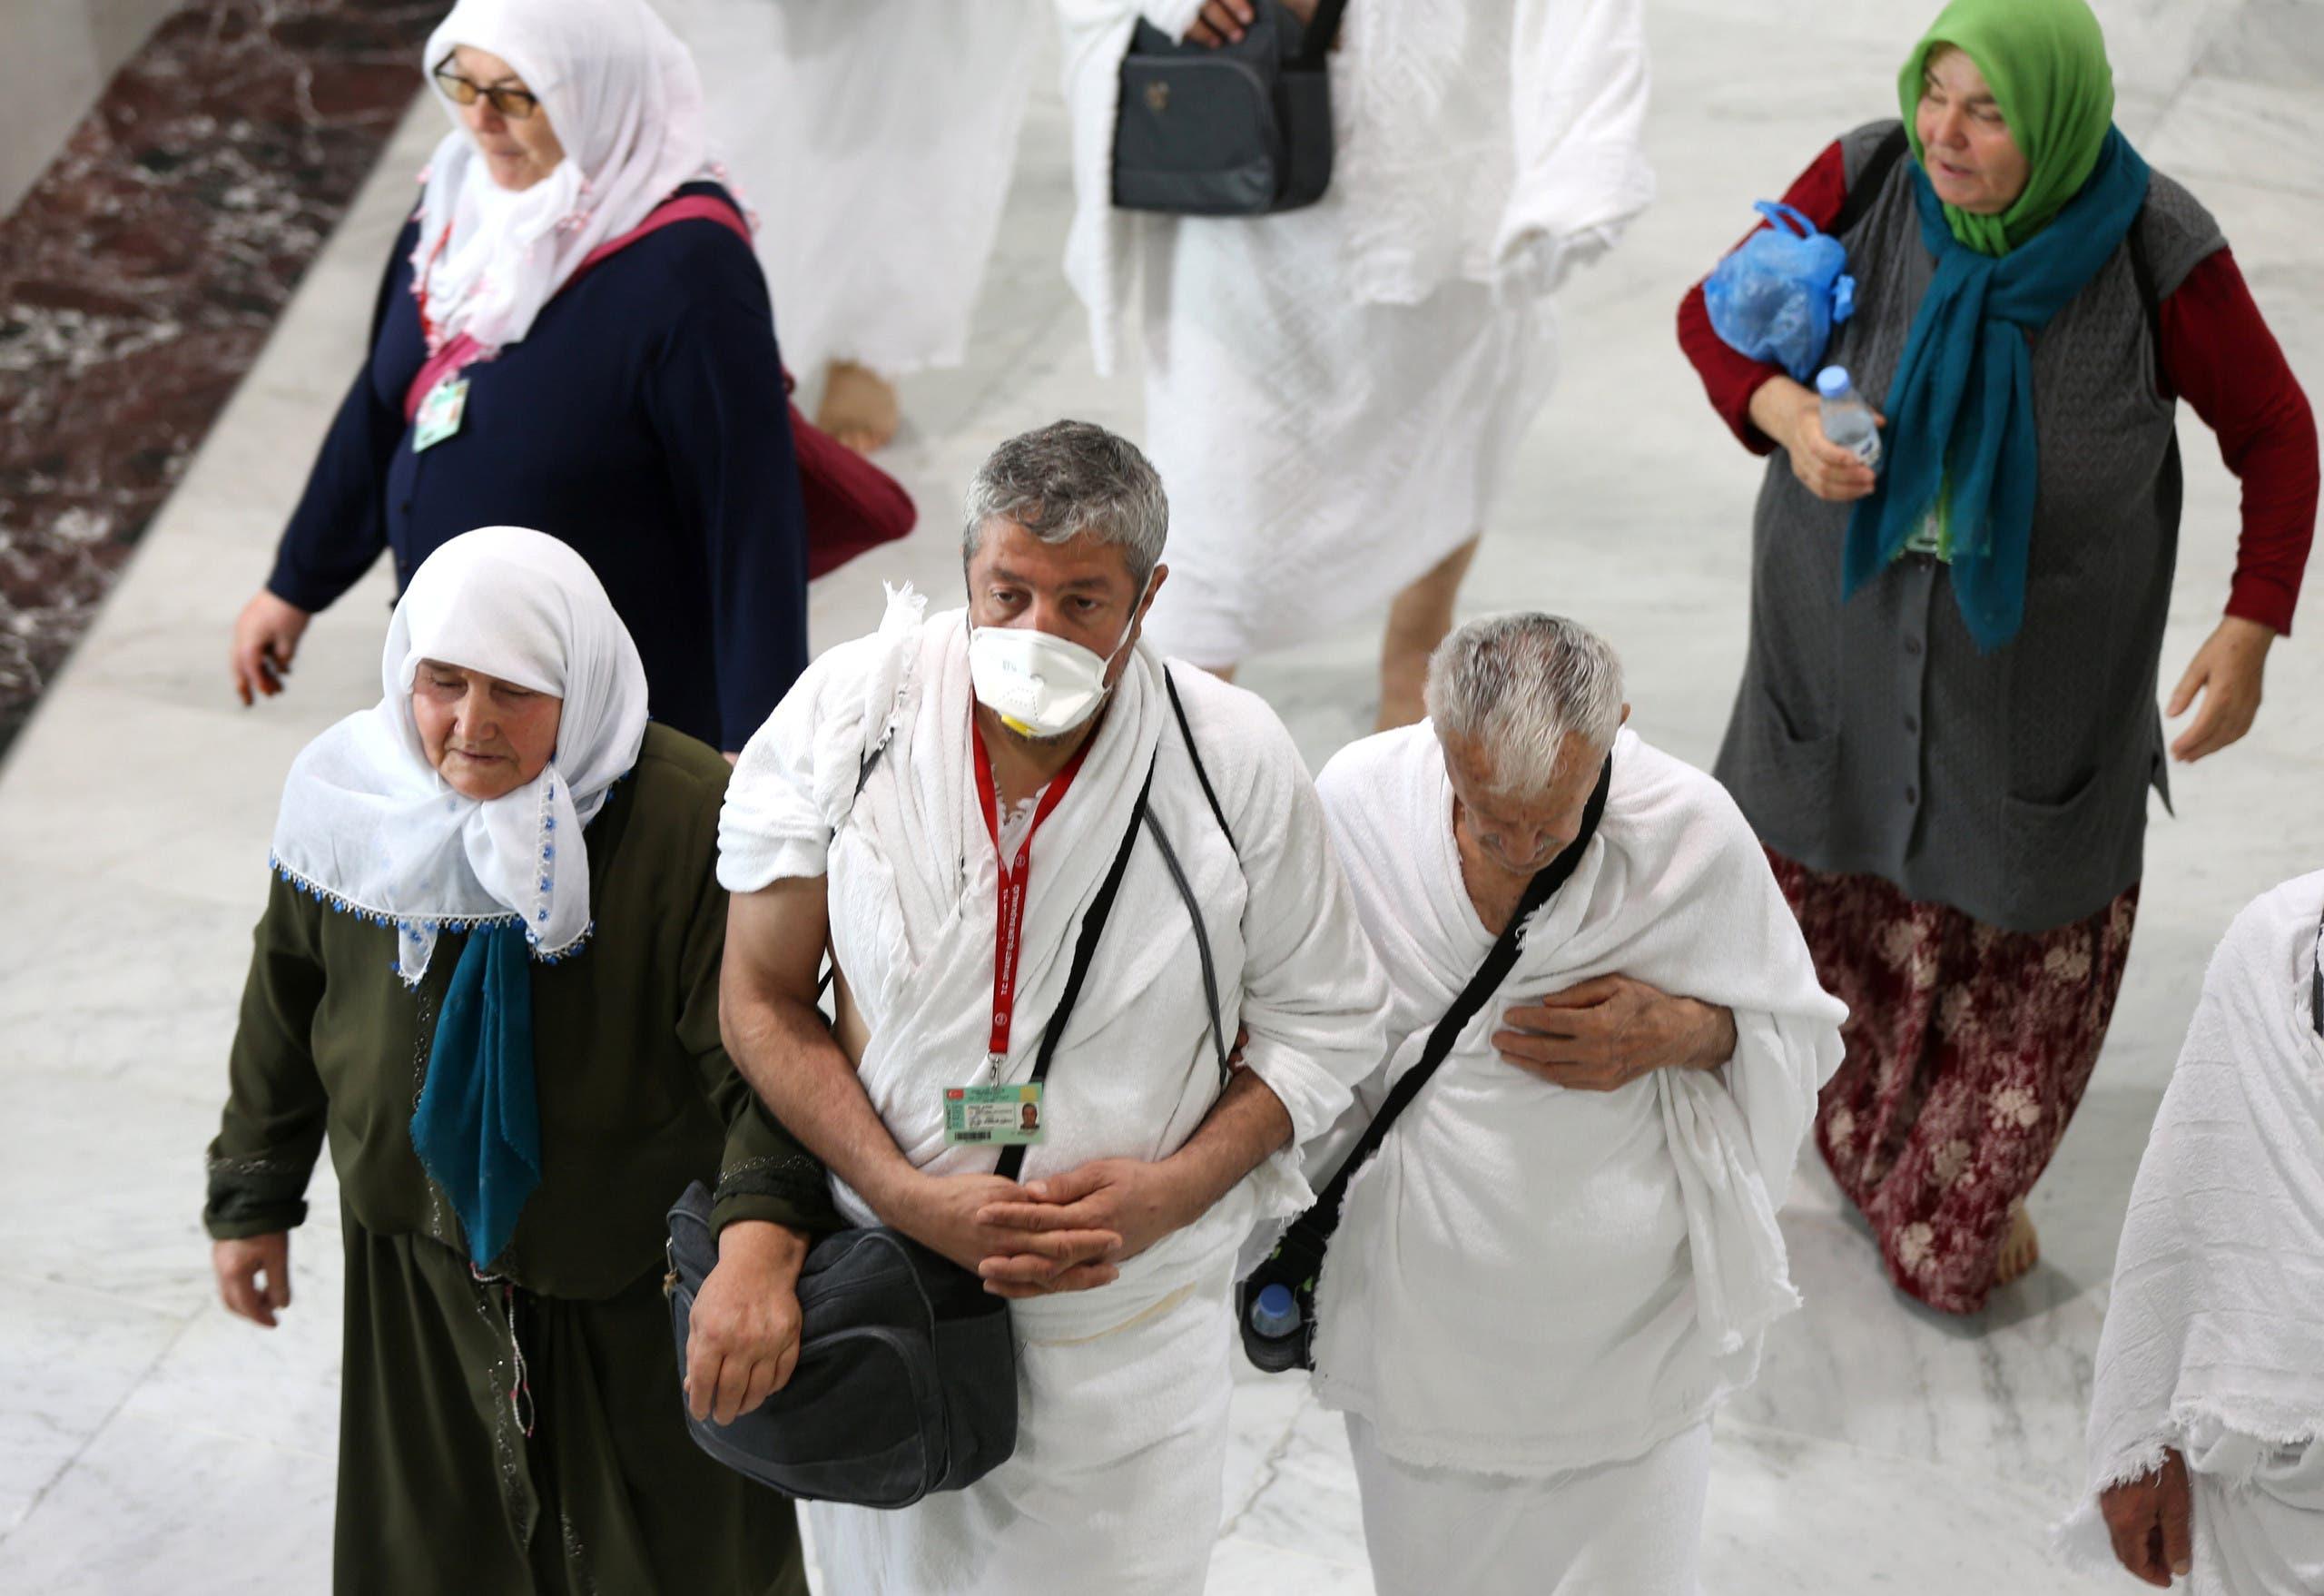 معتمرون في السعودية قبل قرار تعليق العمرة مؤقتا بسبب كورونا